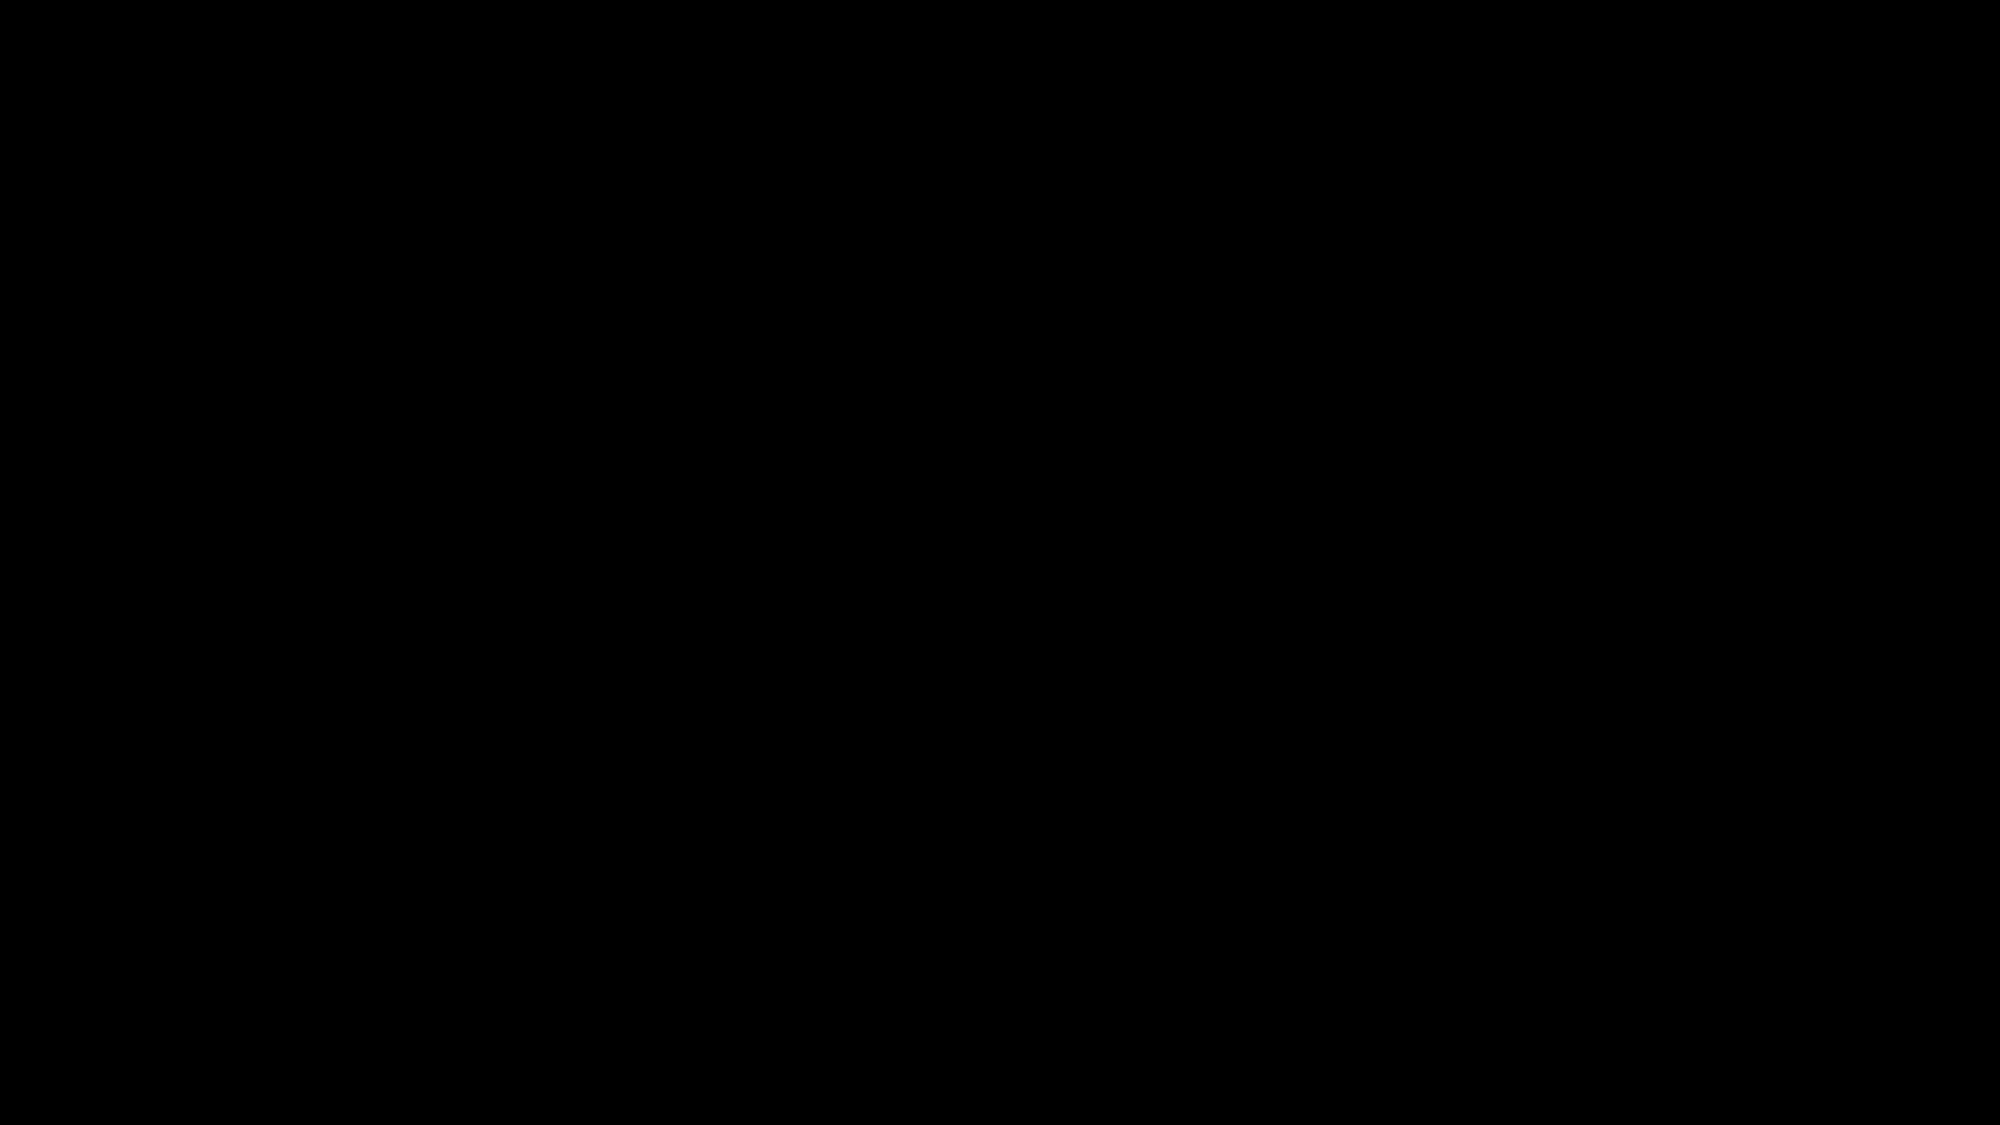 รีวิว Fresh F56-V2 พาวเวอร์แบงค์ความจุ 16000 mAh ขนาดพกพา